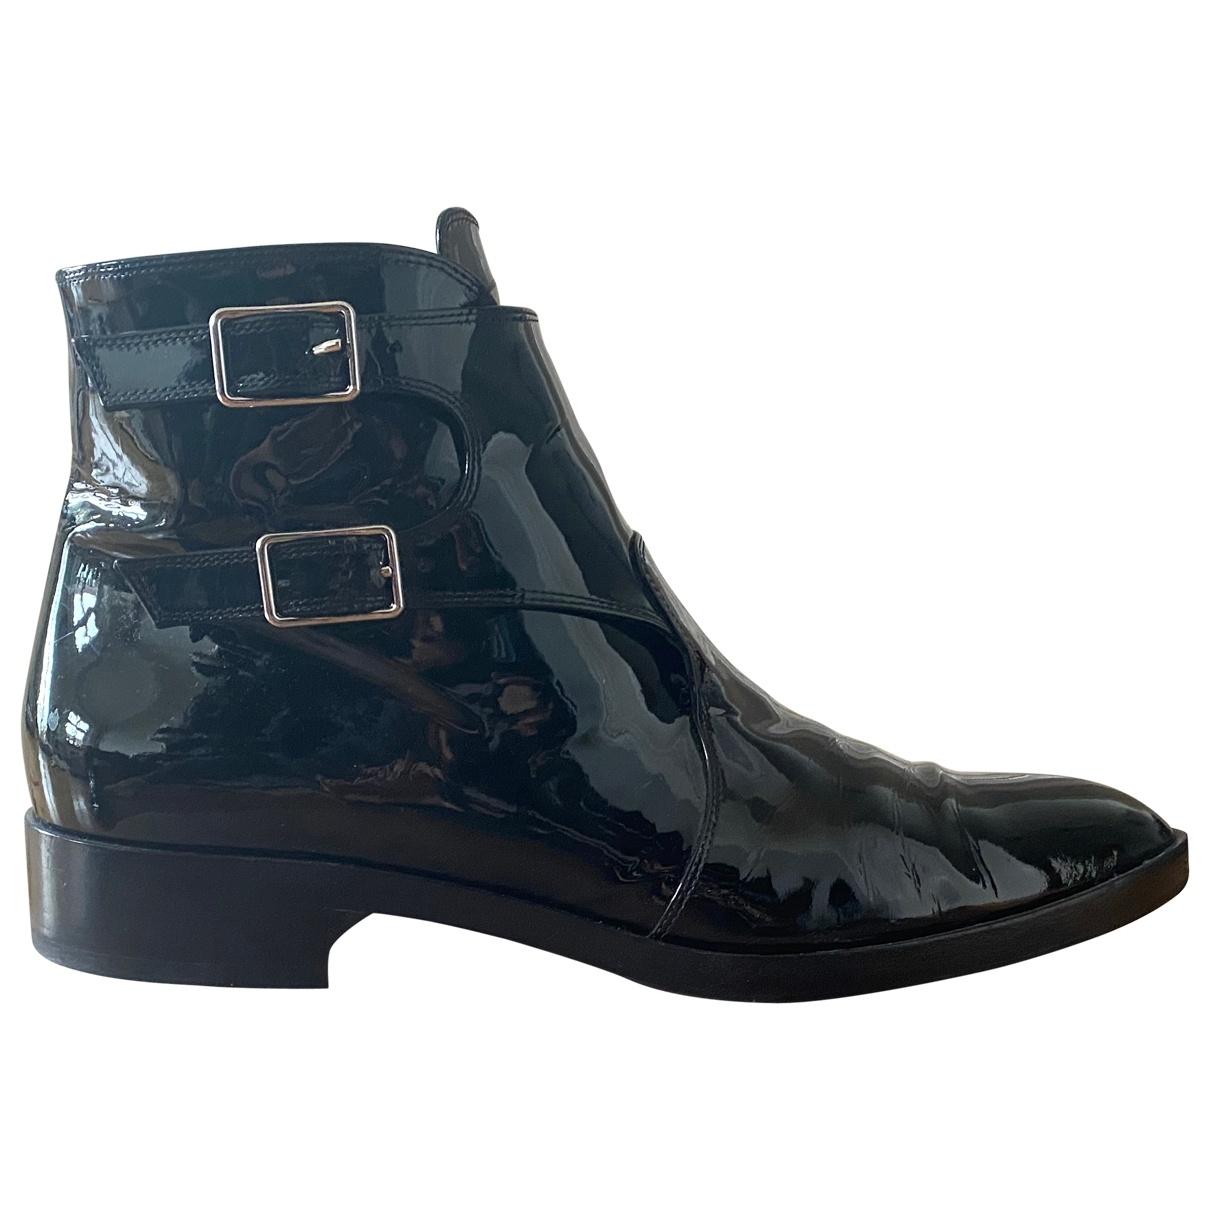 Gianvito Rossi - Boots   pour femme en cuir verni - noir